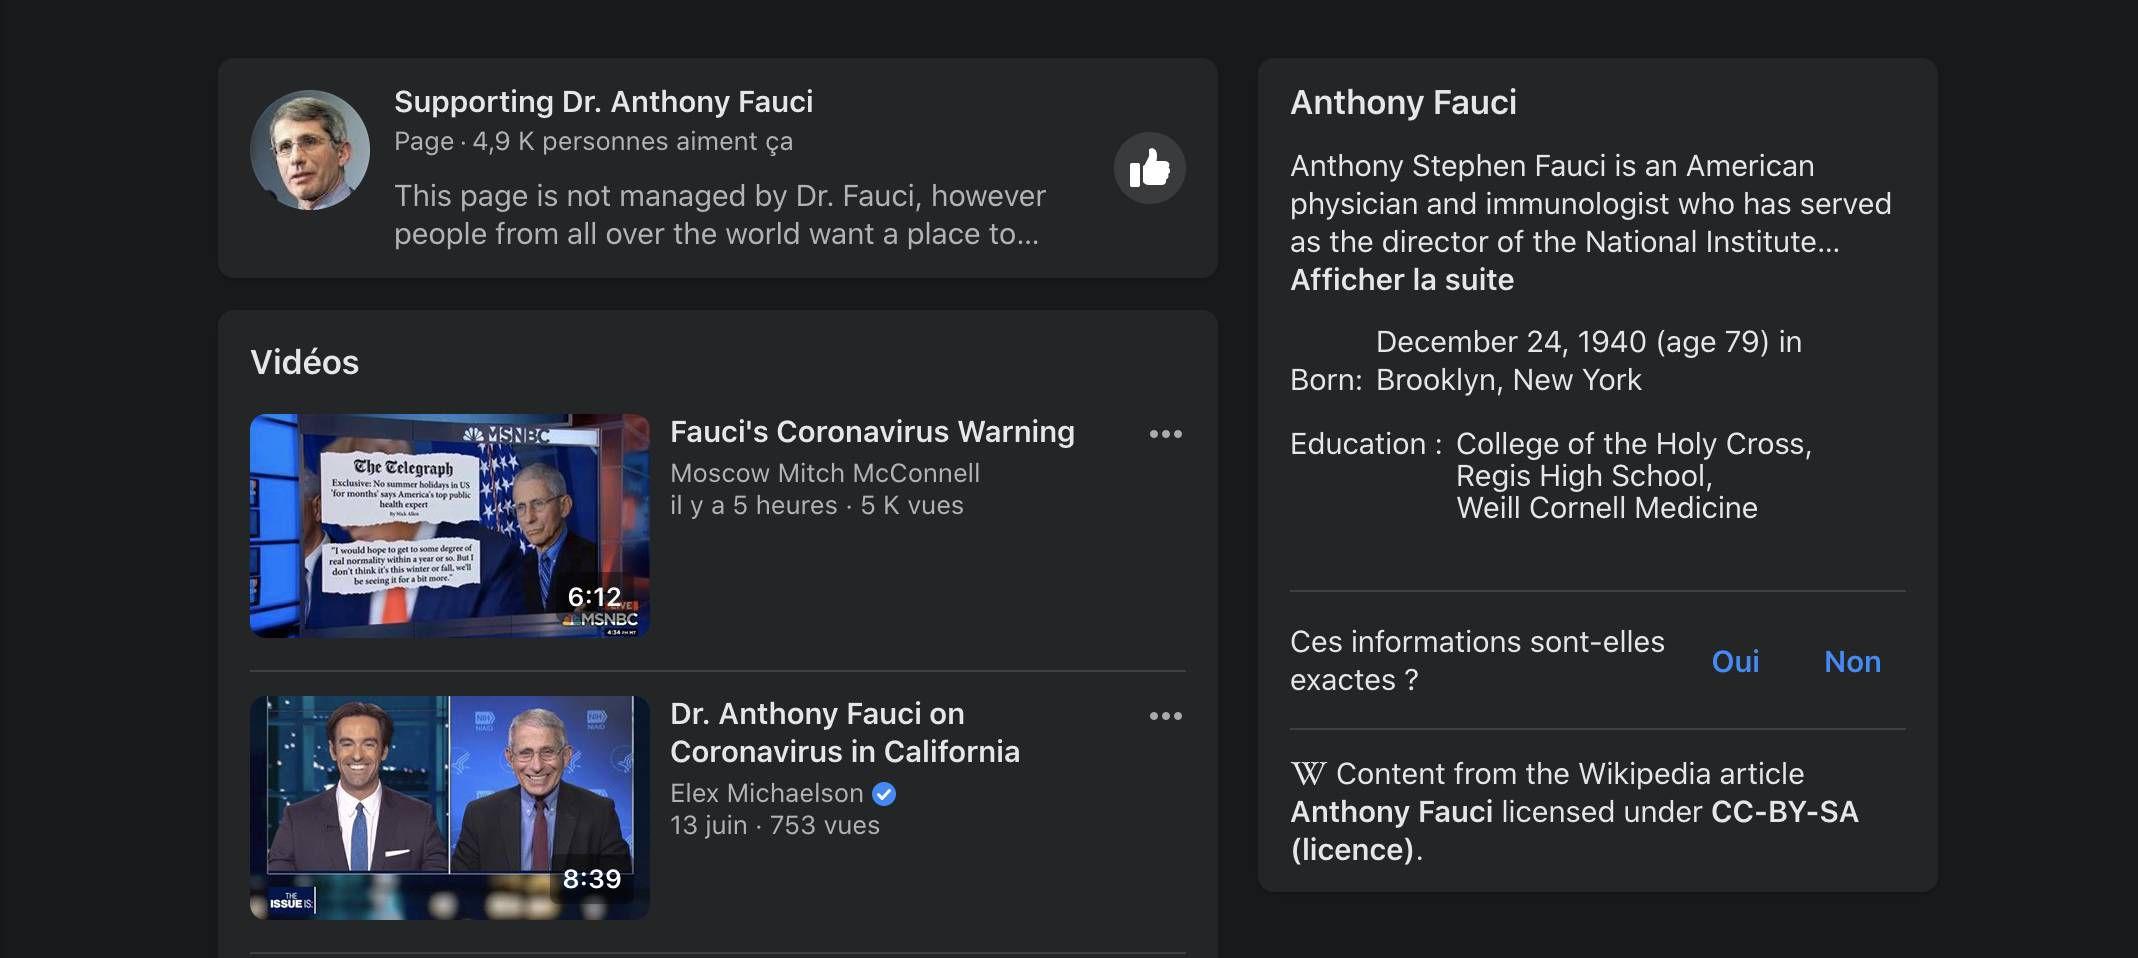 Une capture d'écran montrant le nouvel outil de Facebook sur lequel s'affiche des informations sur le chercheur Anthony Fauci.